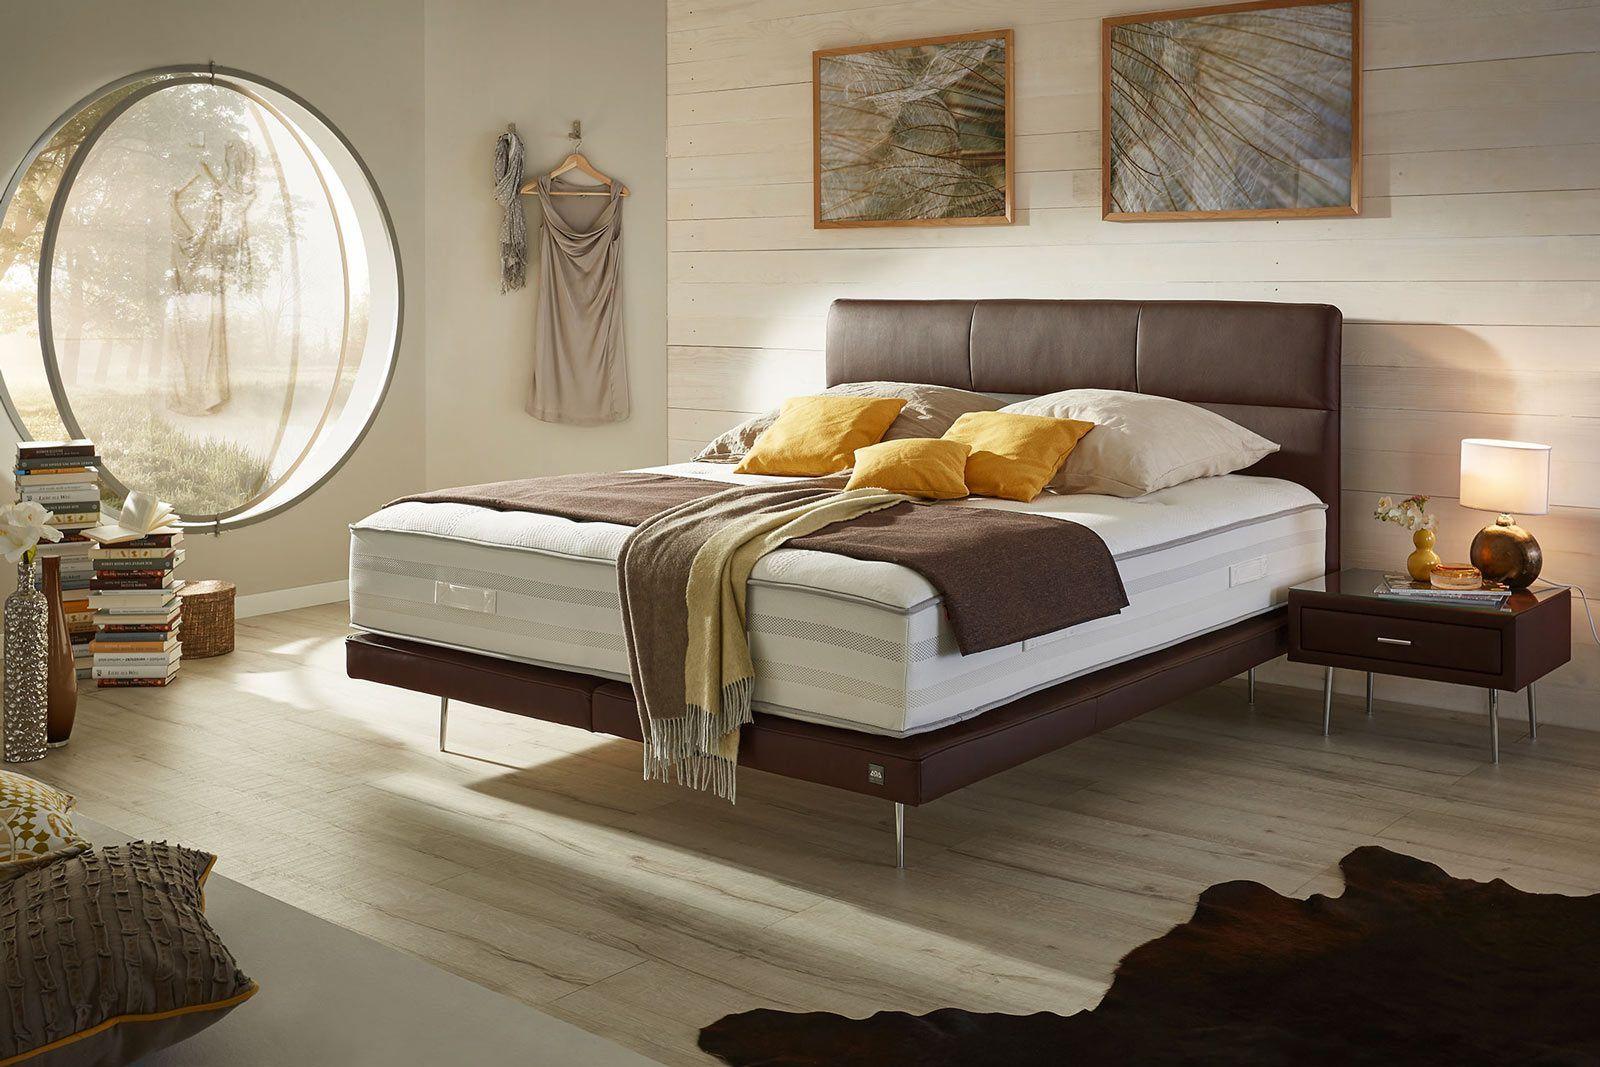 Schlafzimmer Einrichten Welcher Stil Passt Zu Mir Home